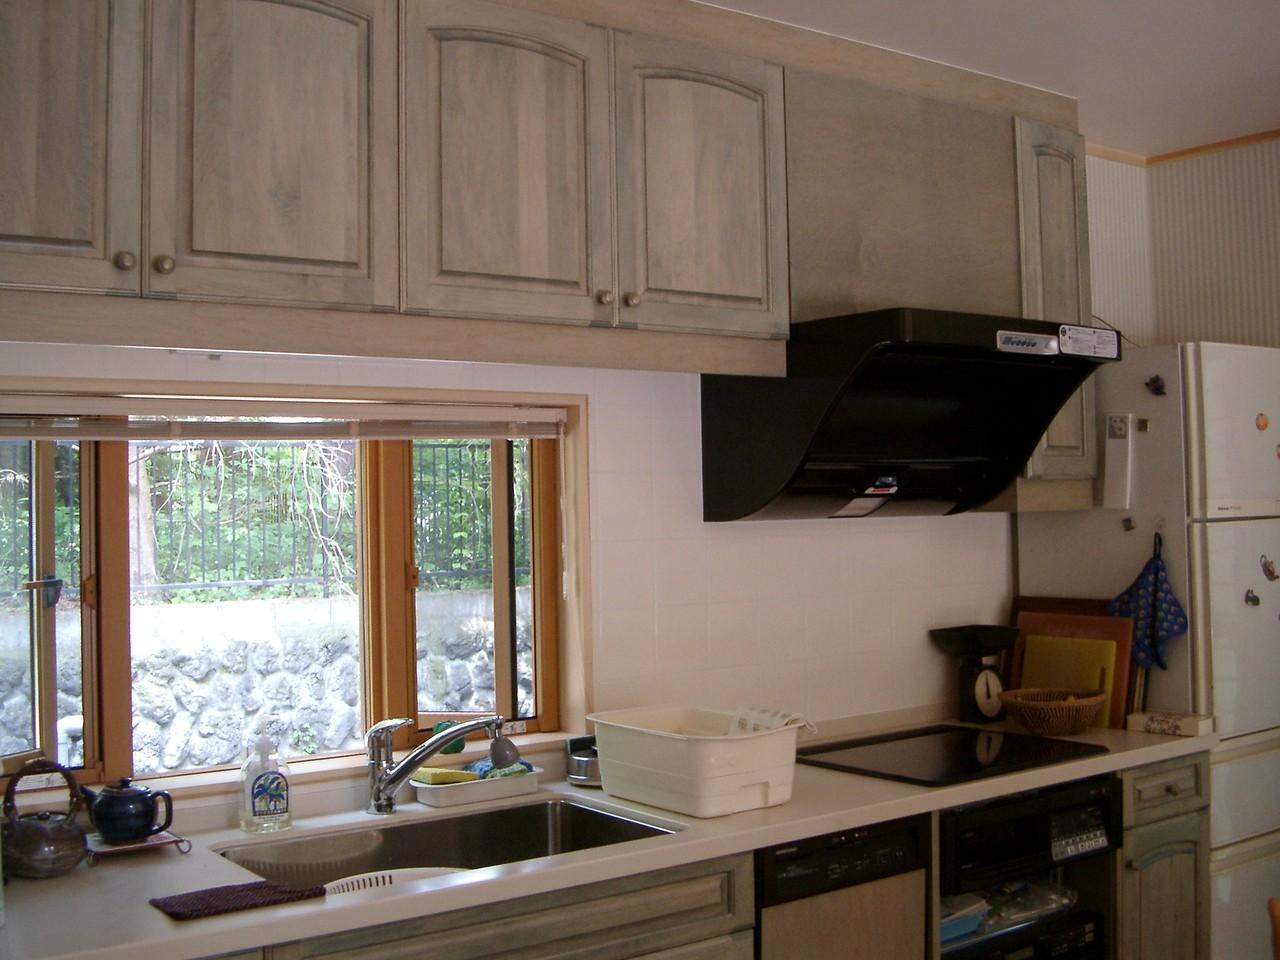 Mさんの家(軽井沢)キッチン 改装